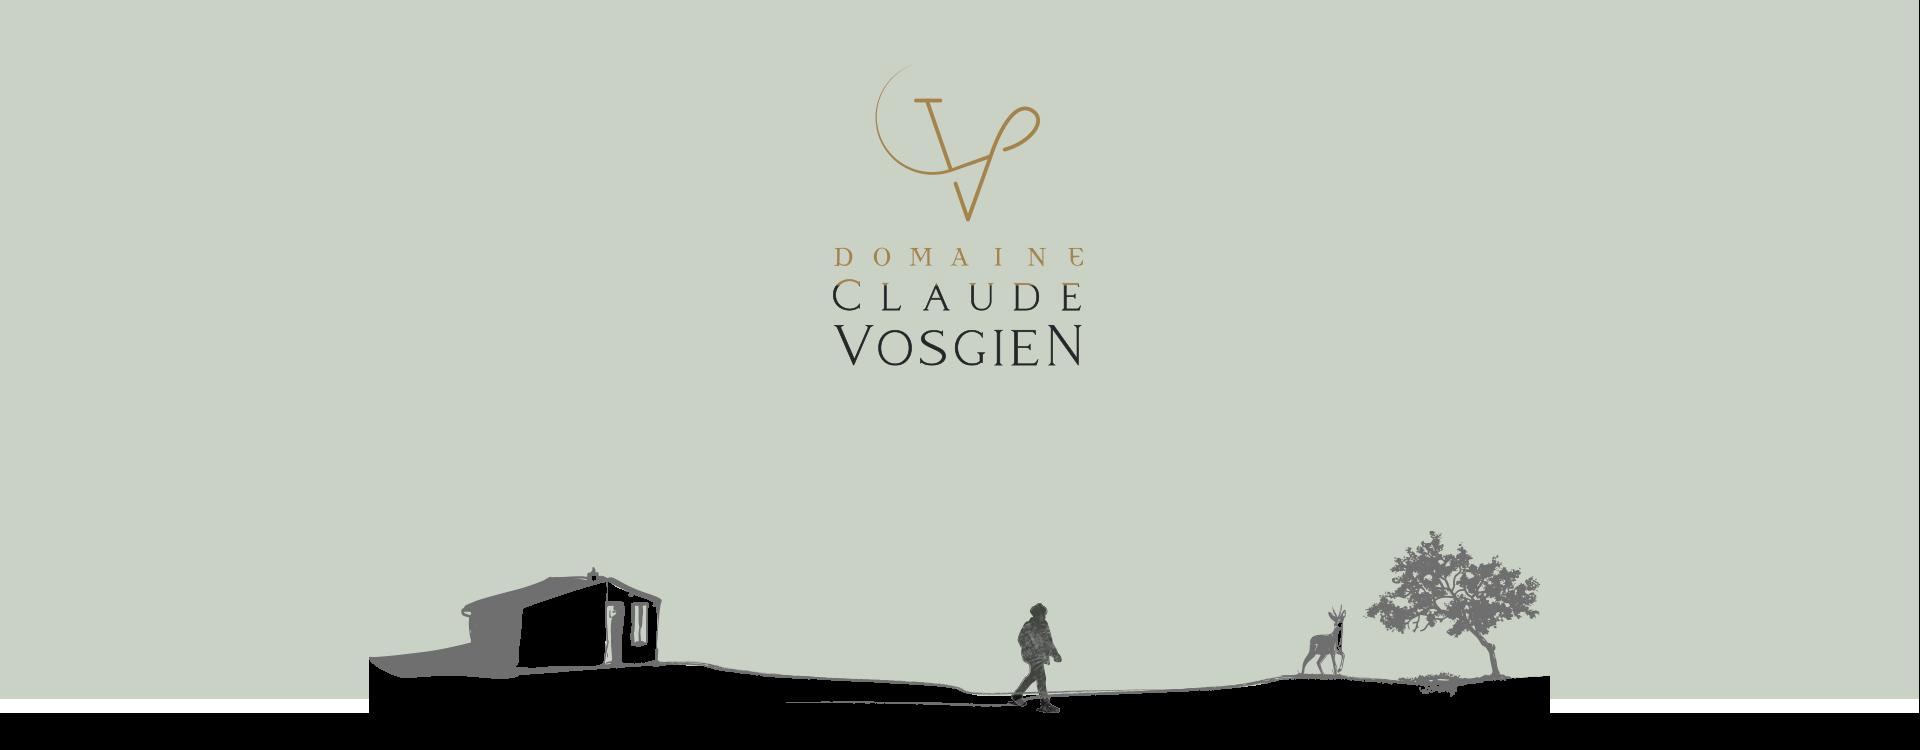 Frise Domaine Claude Vosgien